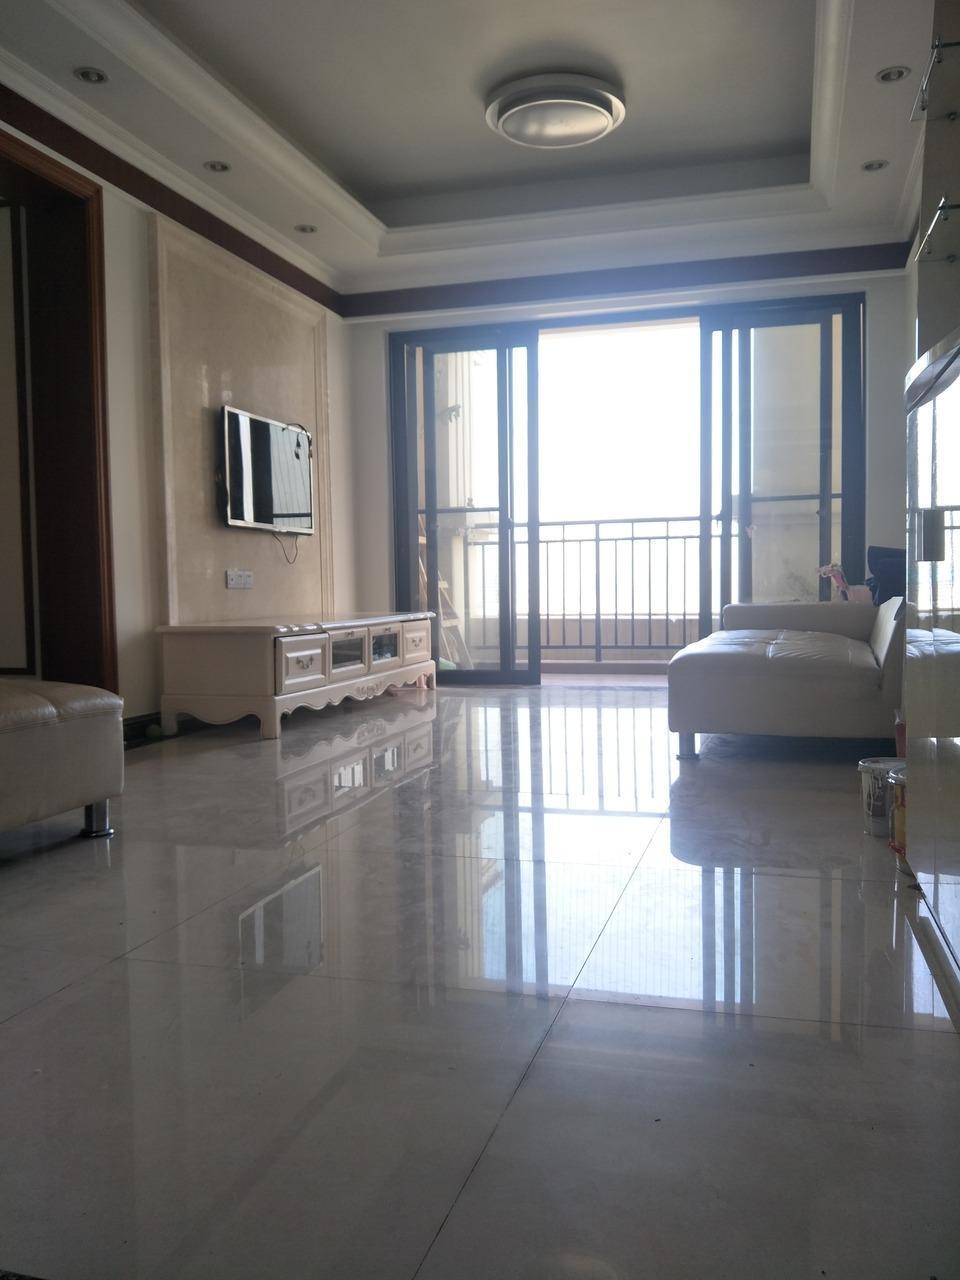 锦绣香江山水华府二期 南北对流 过2年 业主急/售 看房方便